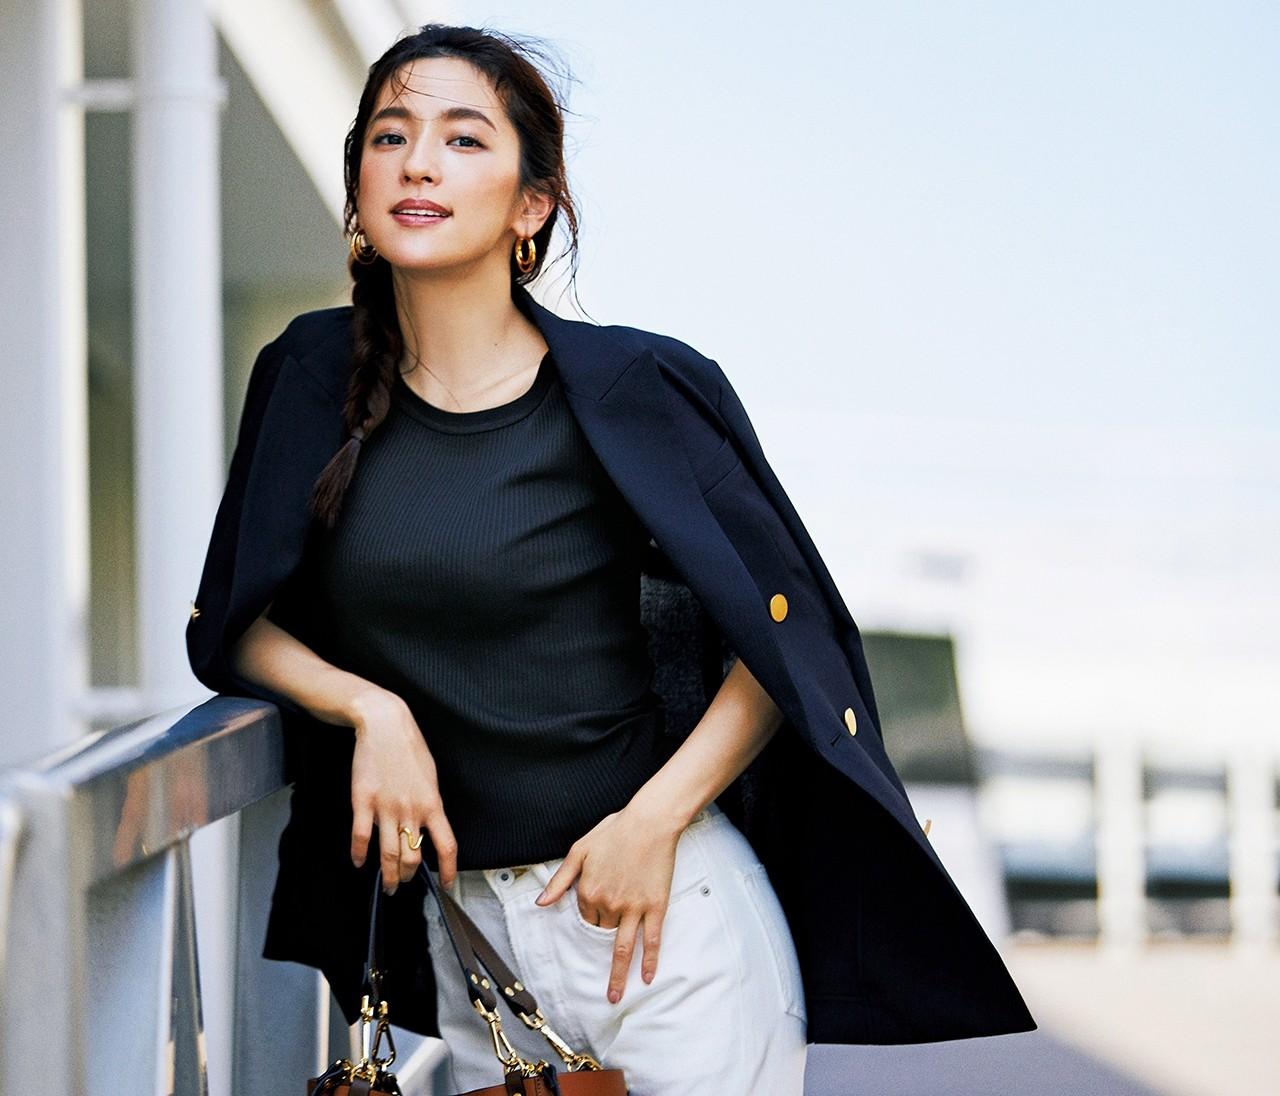 【中村アンが着こなす黒Tシャツ】秋めくシックな女らしさを取り入れて